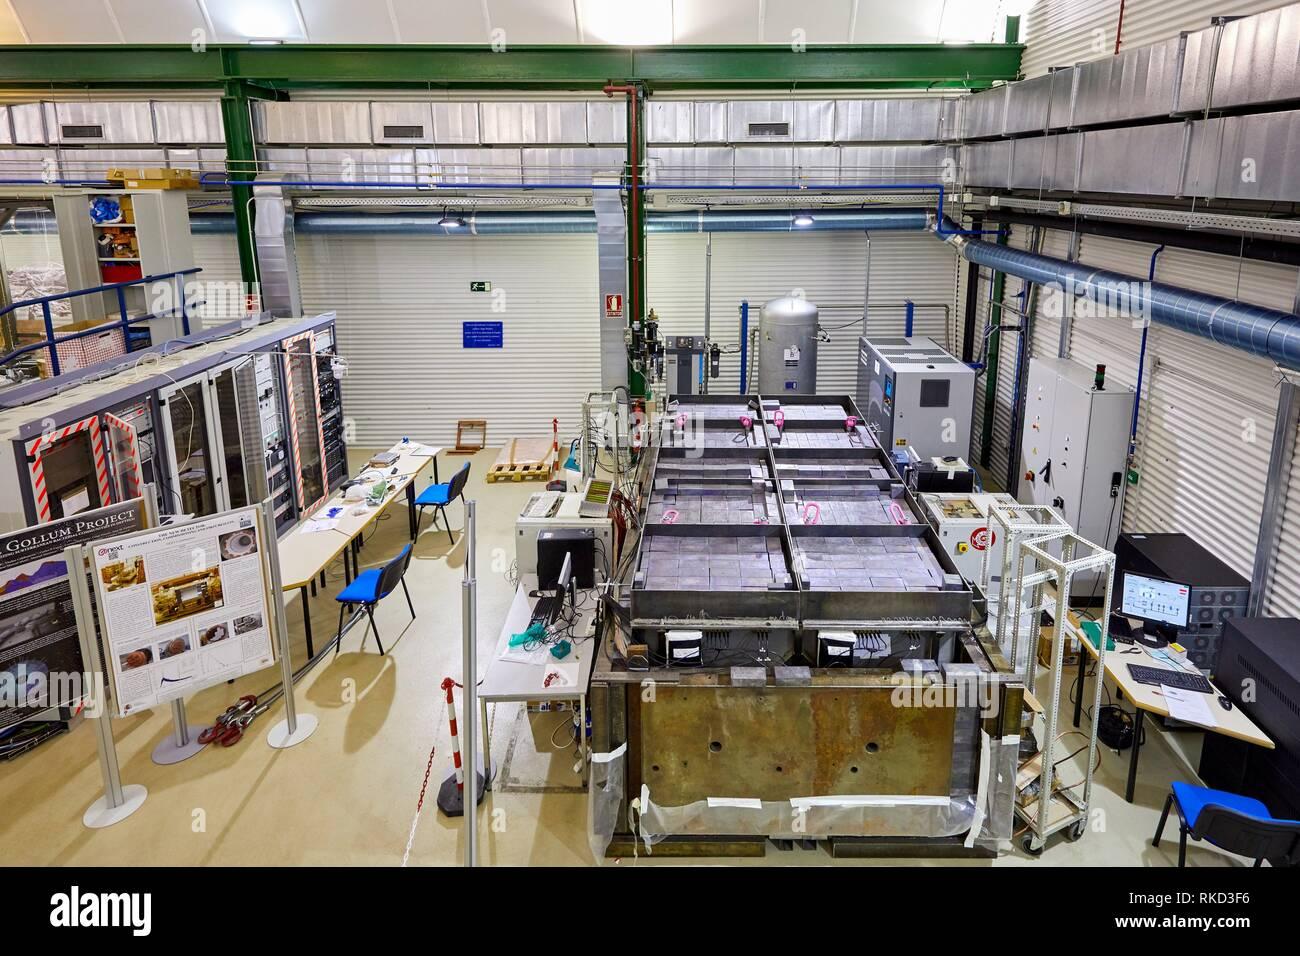 Ingredient: Allgemeine Anlage zur Messung der Radio-Reinheit von großen Flächen für unterirdische Experimente gewidmet, die Laboratorio Stockbild